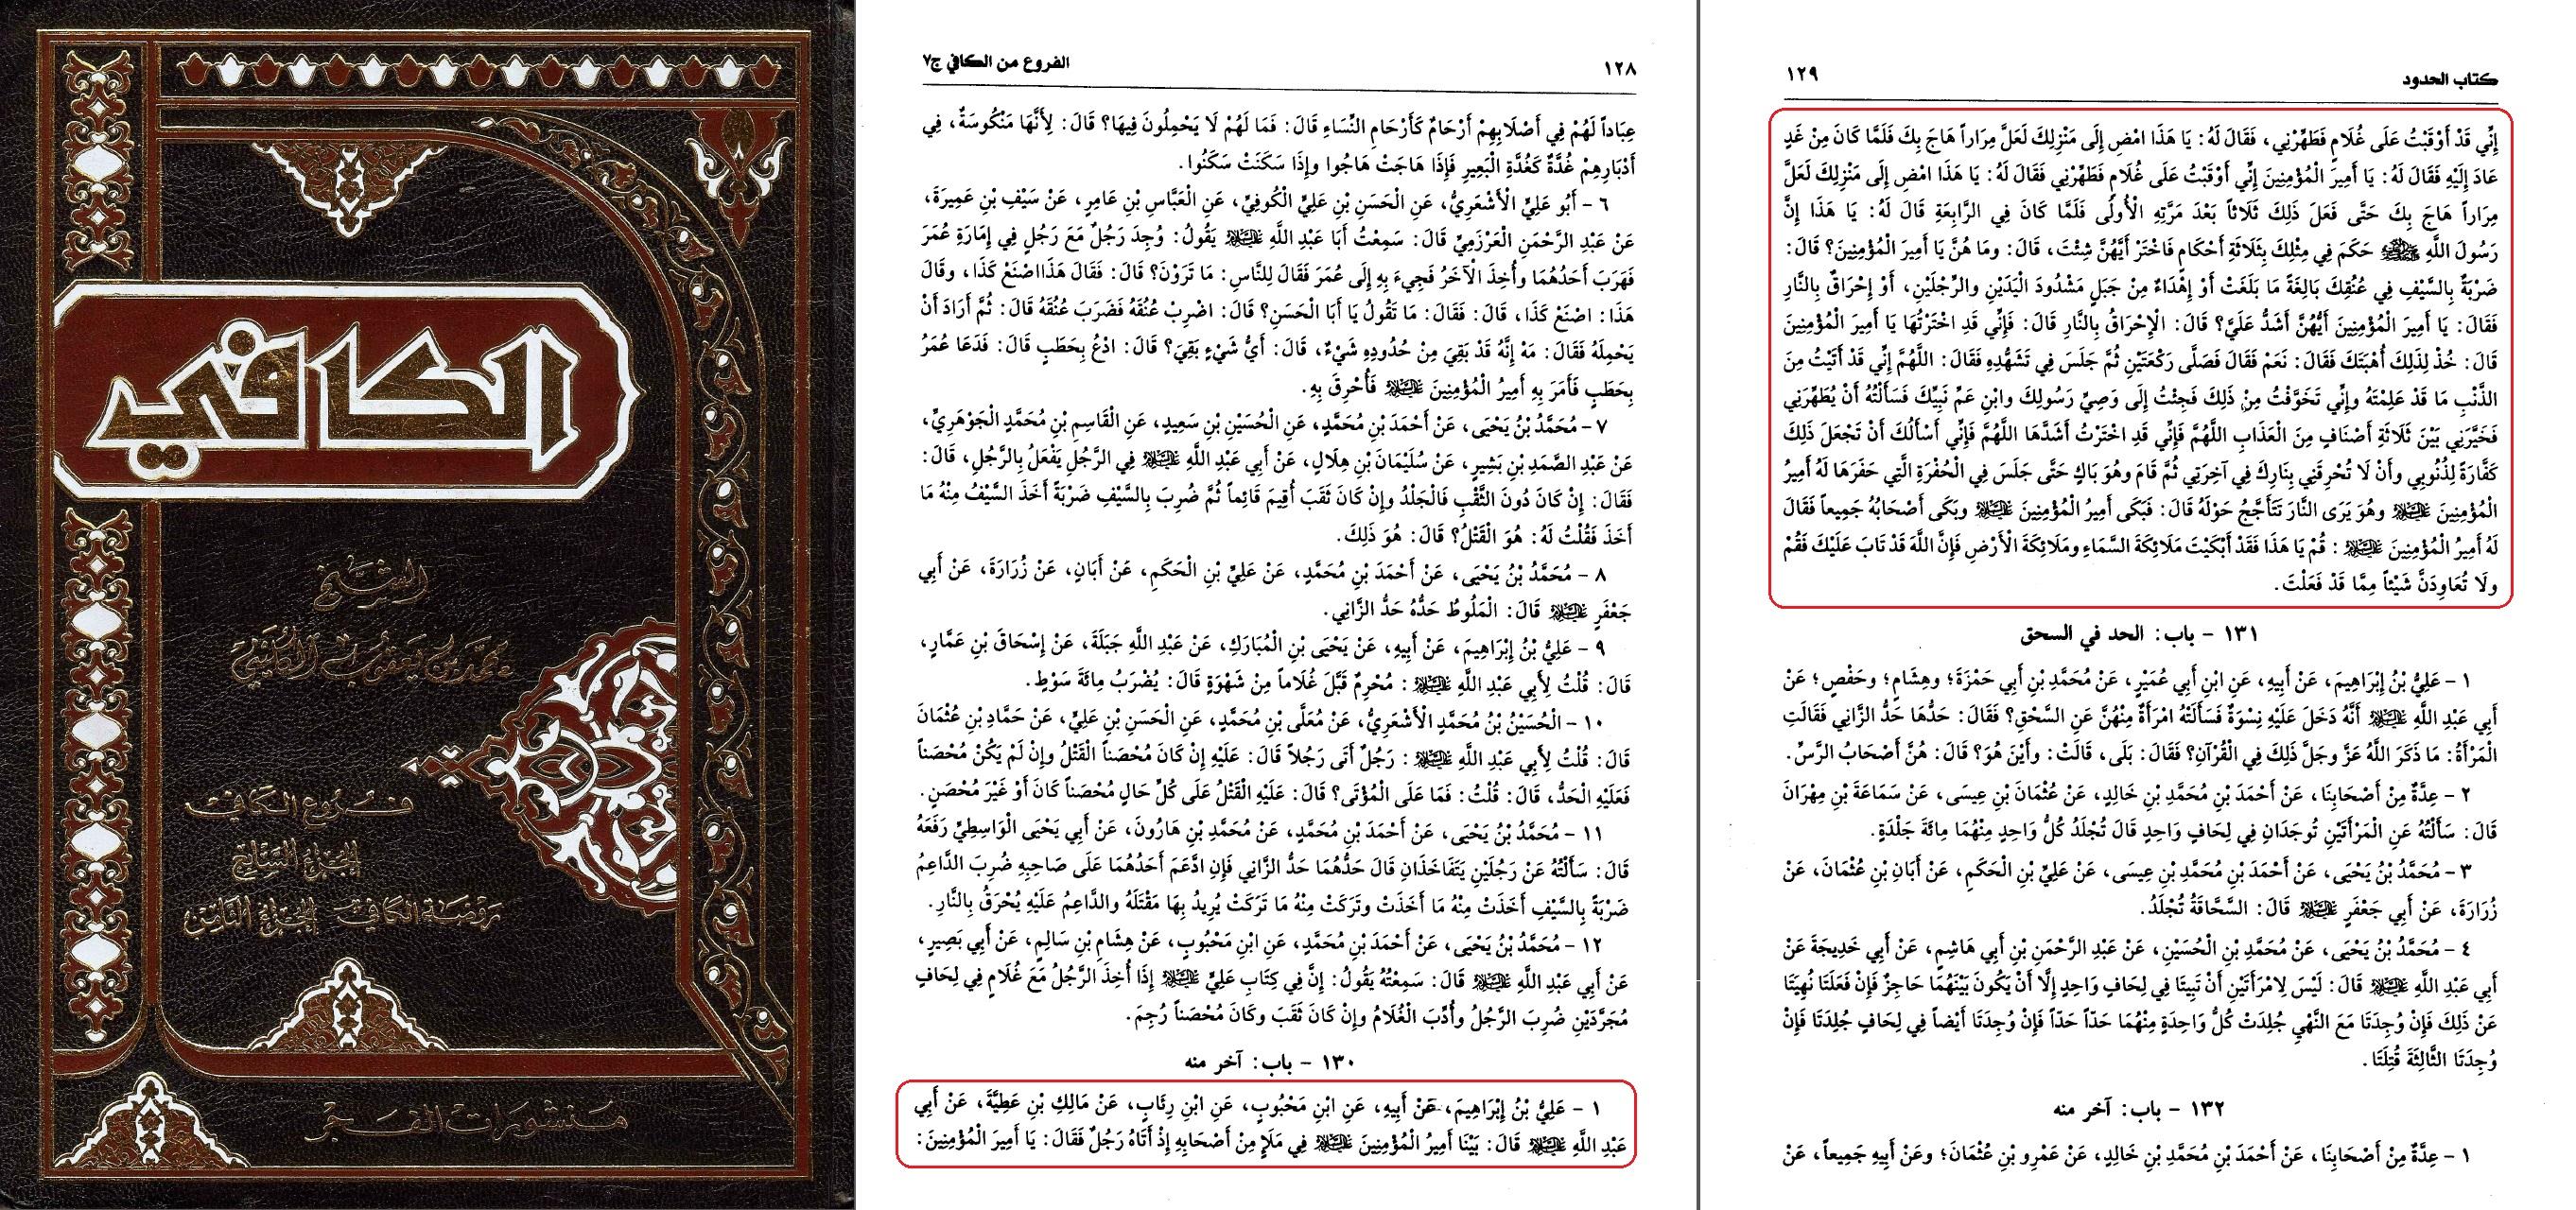 al-kafi b 7 s 128 - 129 h 1